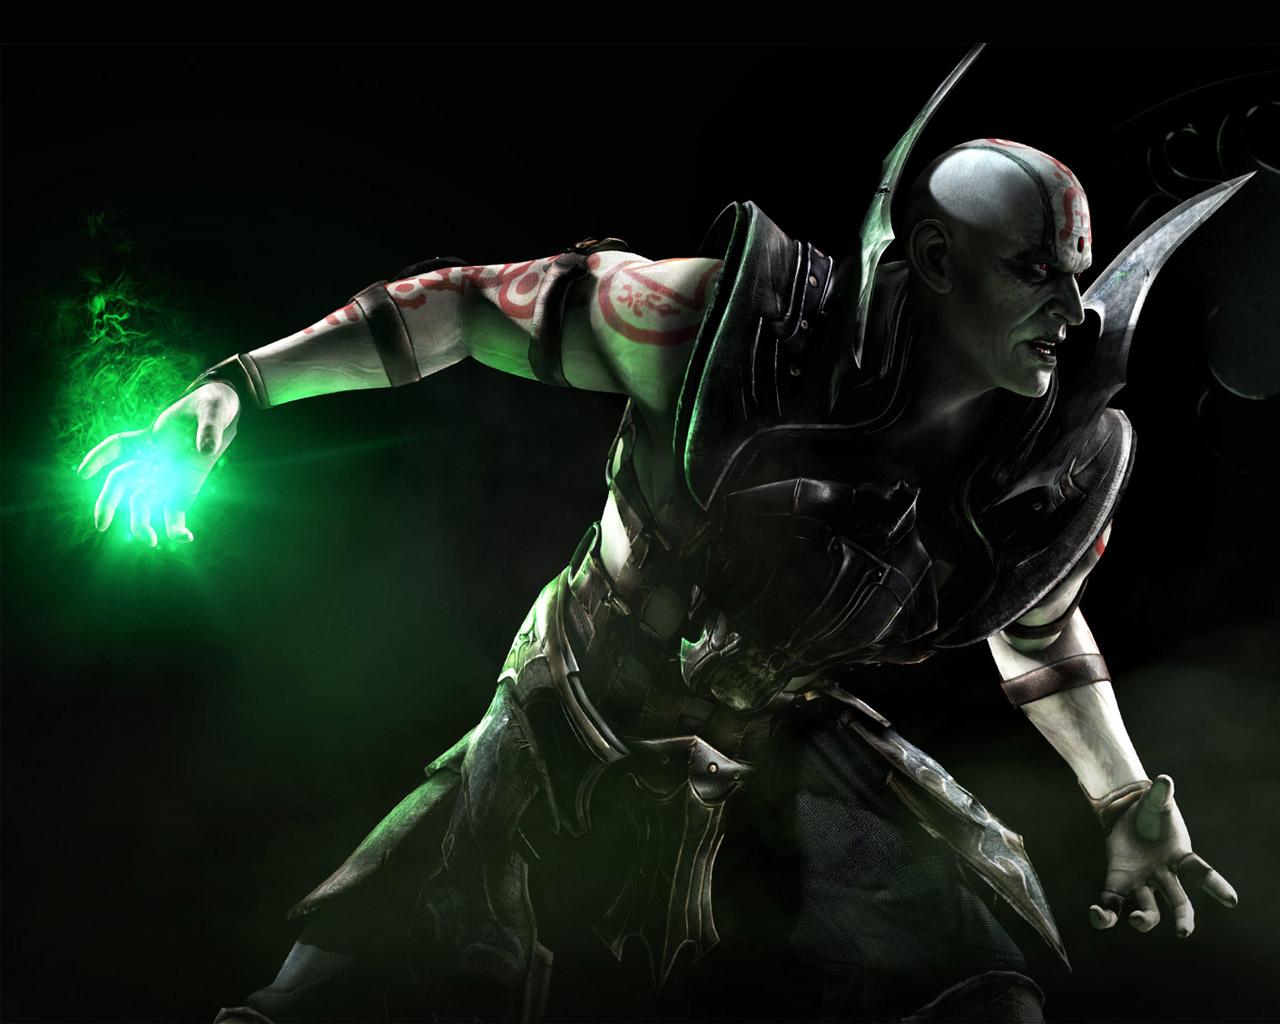 Mortal Kombat X Wallpaper in 1280x1024